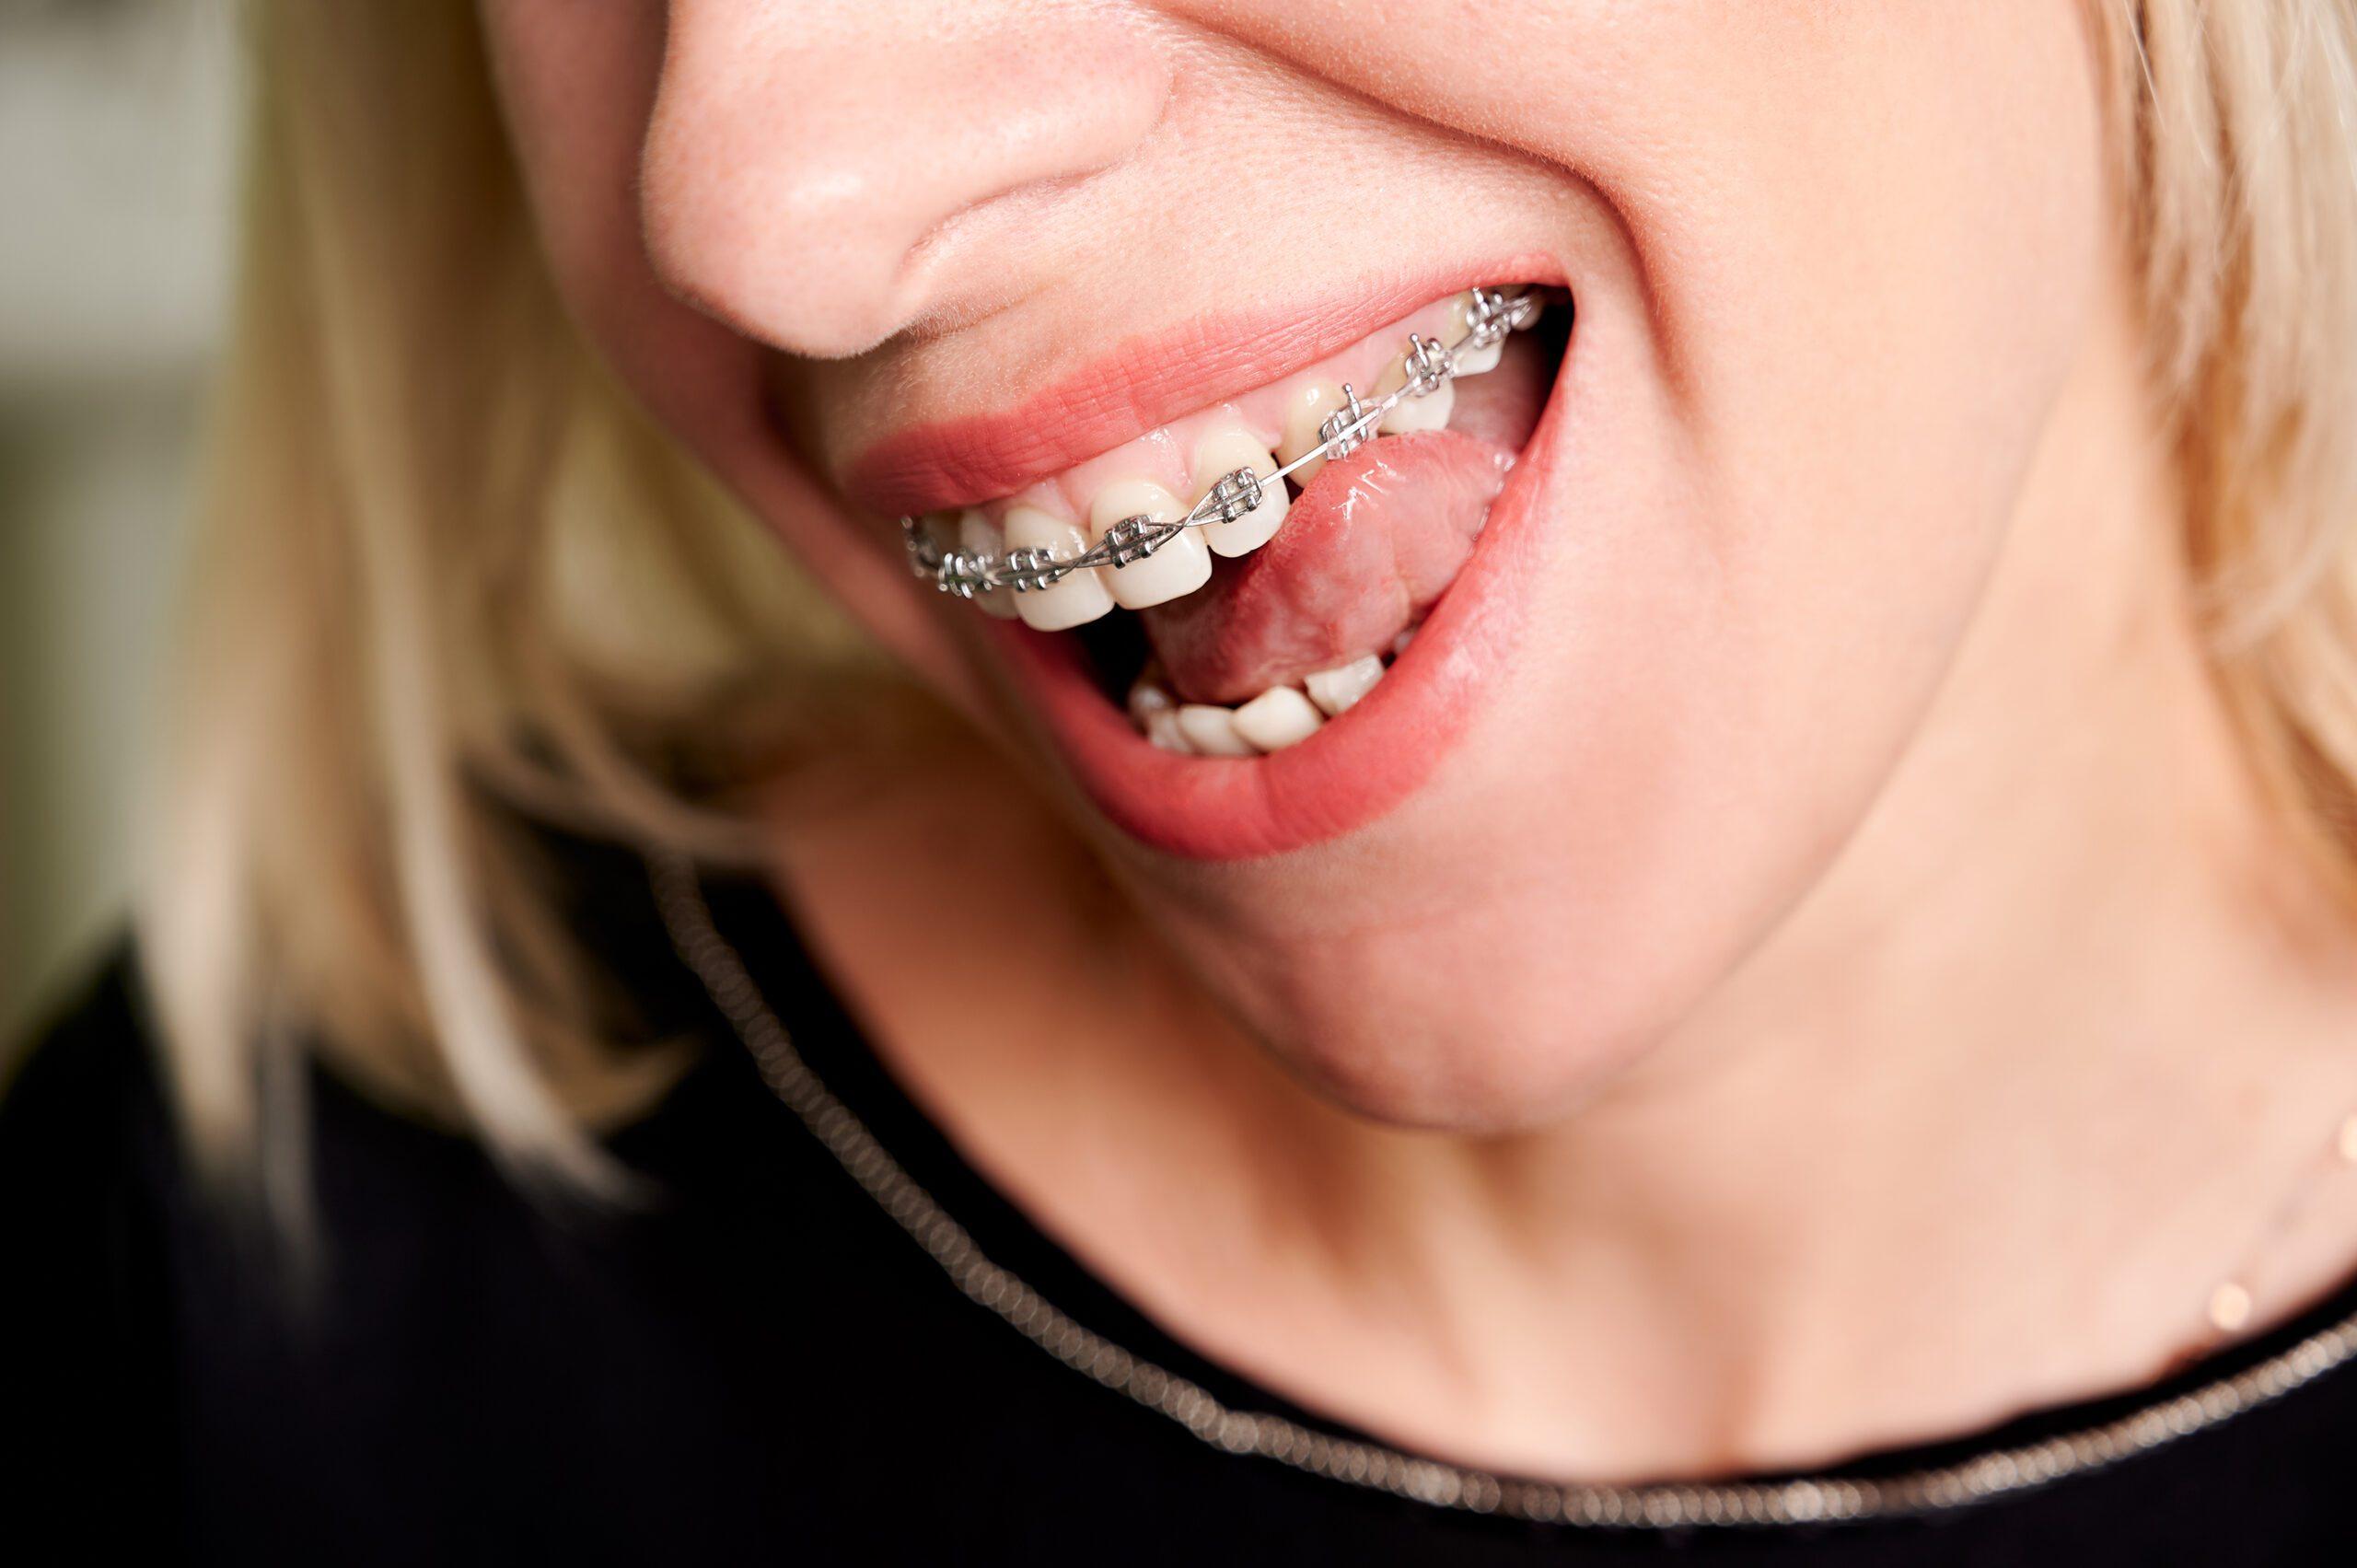 Orthodontics Review